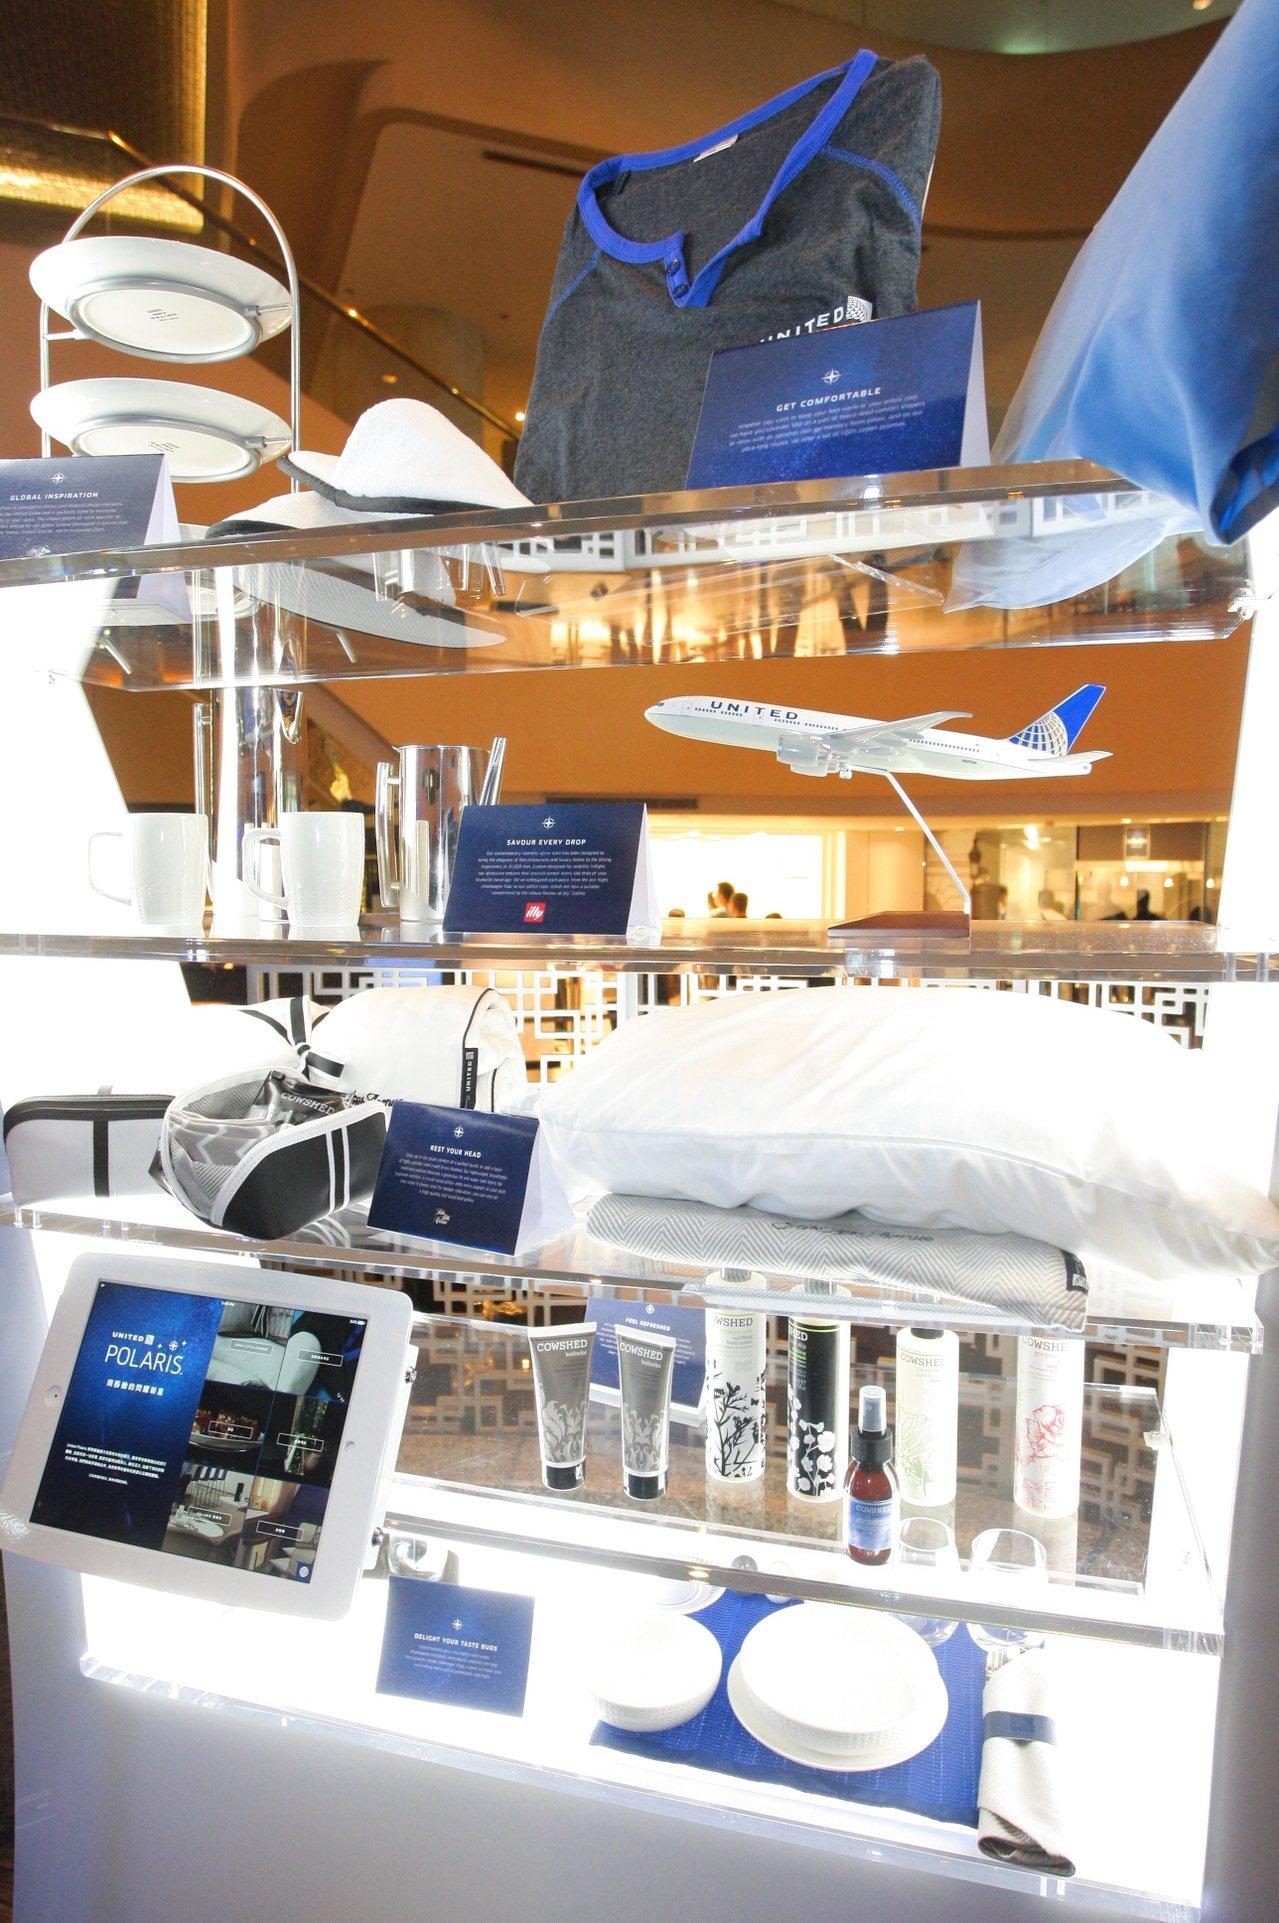 聯合航空針對Polaris 商務艙推出一系列專屬備品。記者陳睿中/攝影